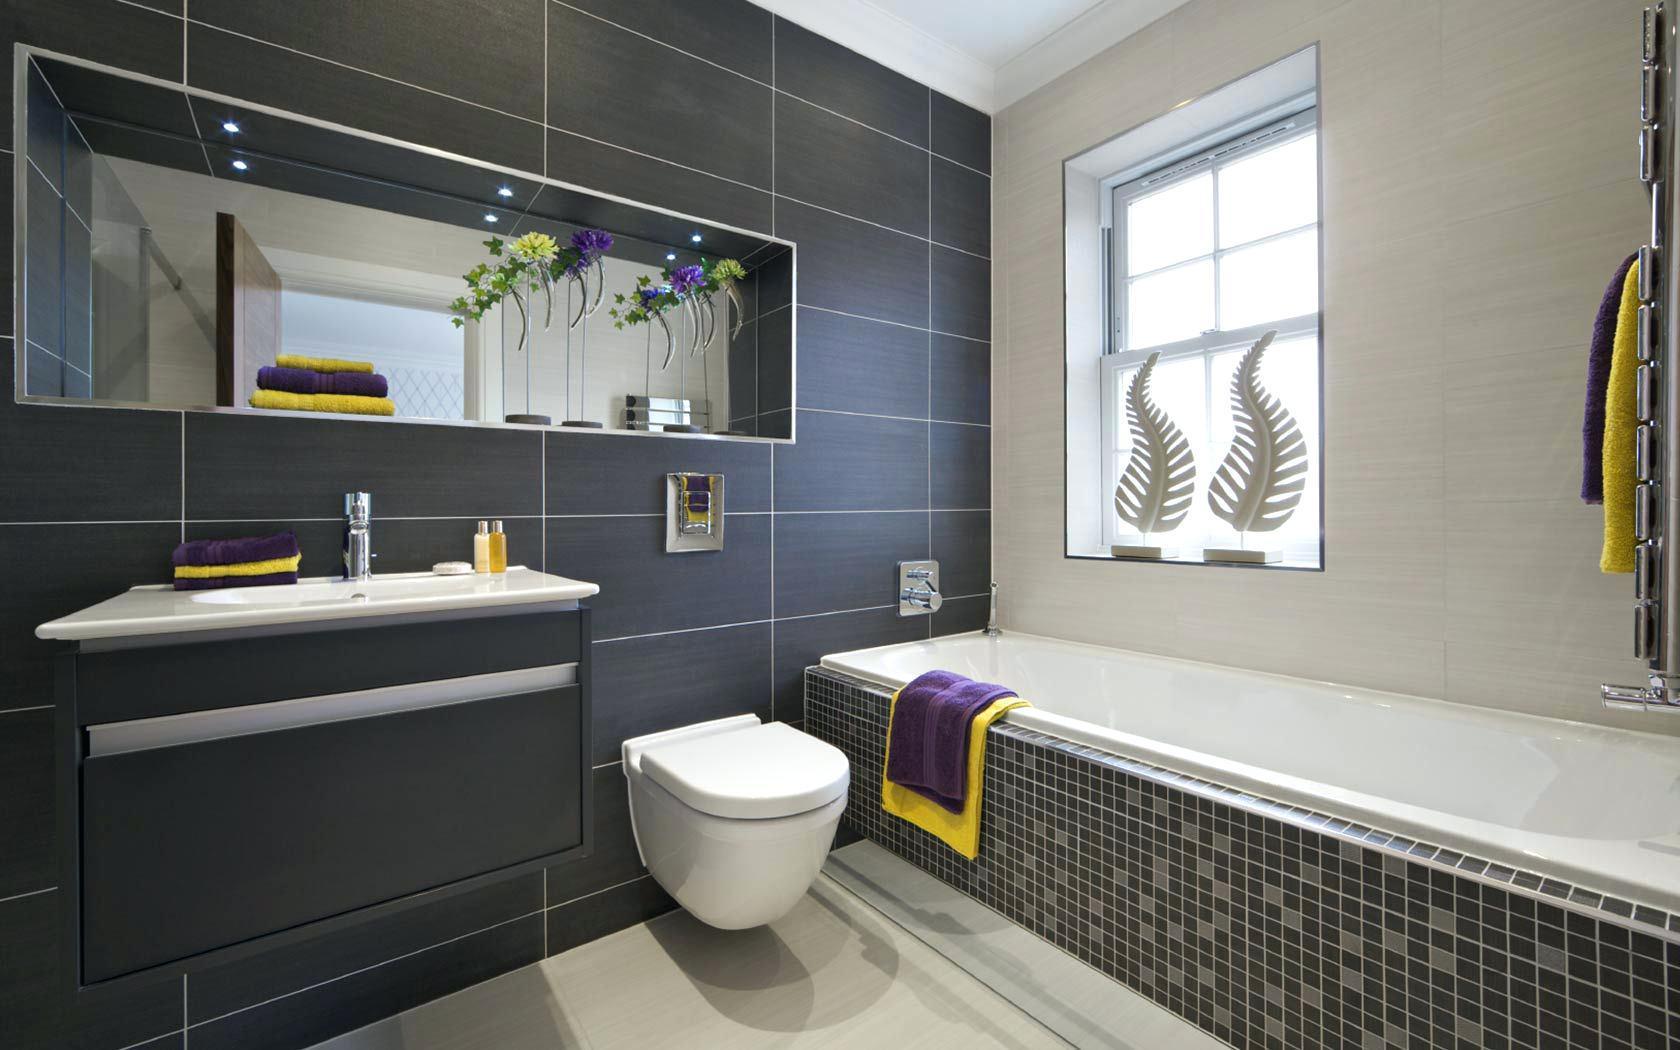 couleur sombre salle de bain gris anthracite carrelage